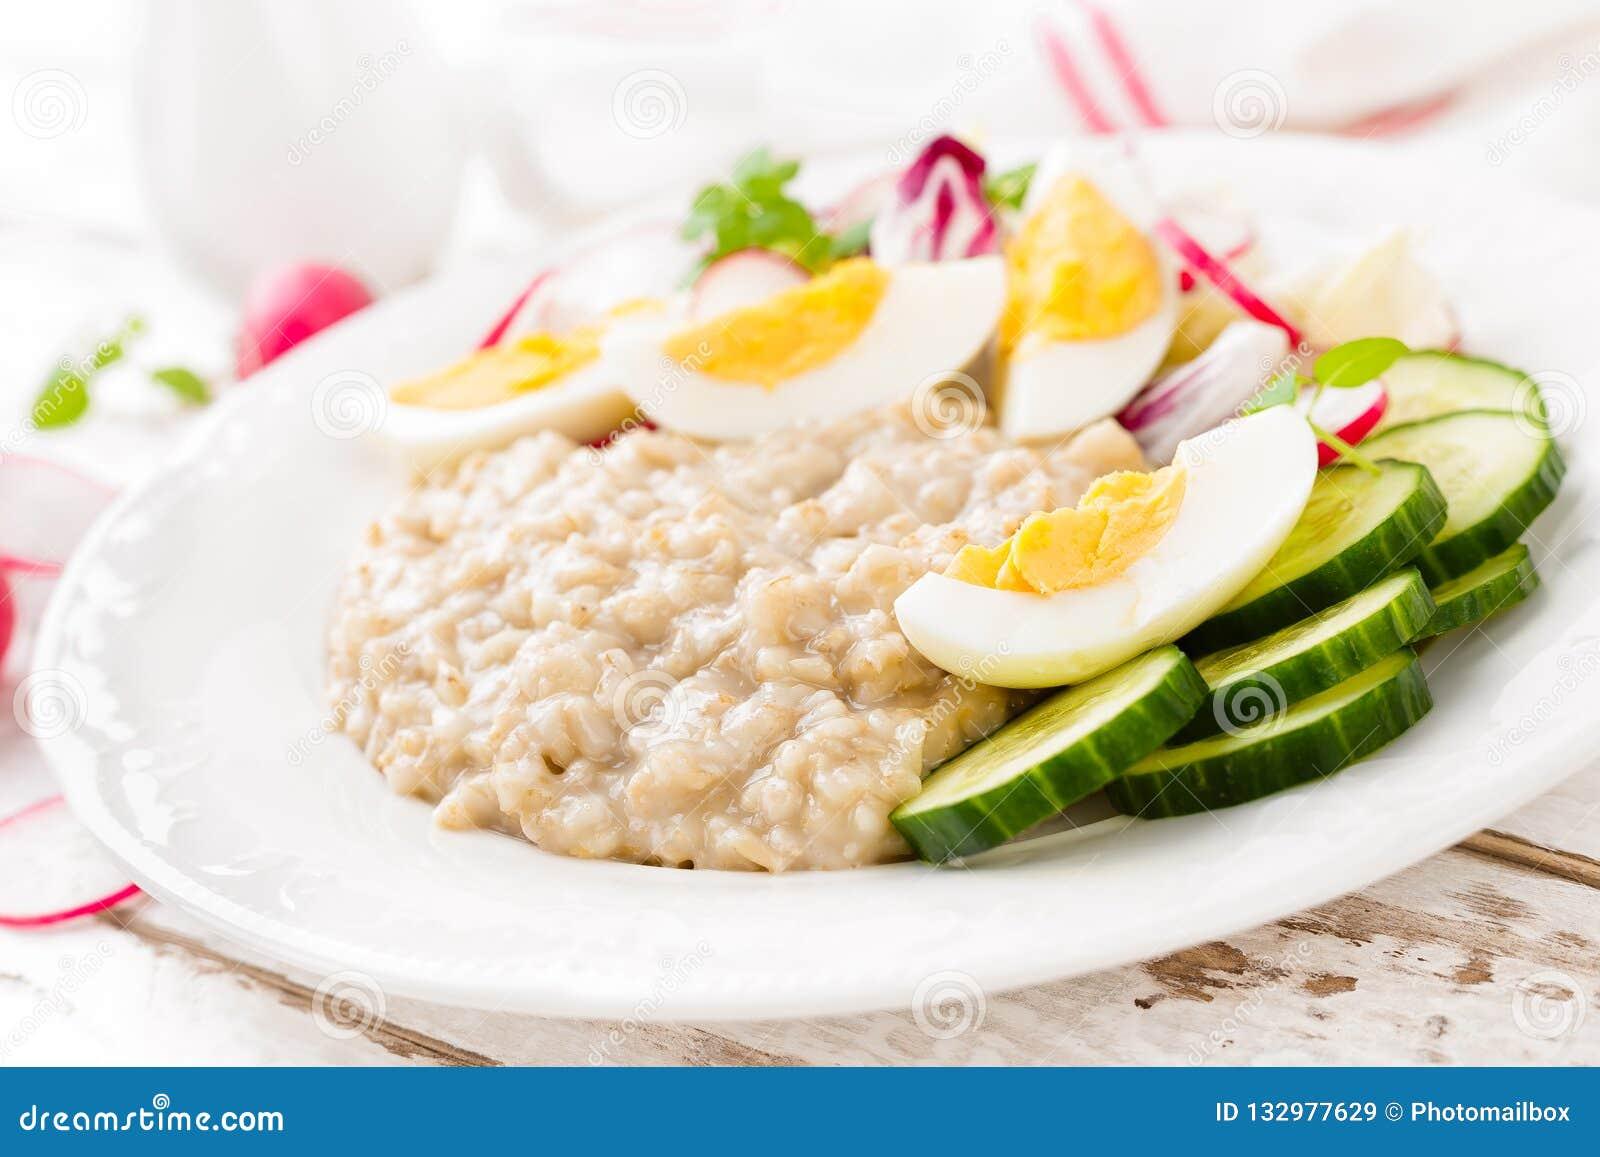 Oatmeal owsianka z gotowaną jajka, warzywa sałatką z i, śniadaniowy żywienioniowy zdrowy